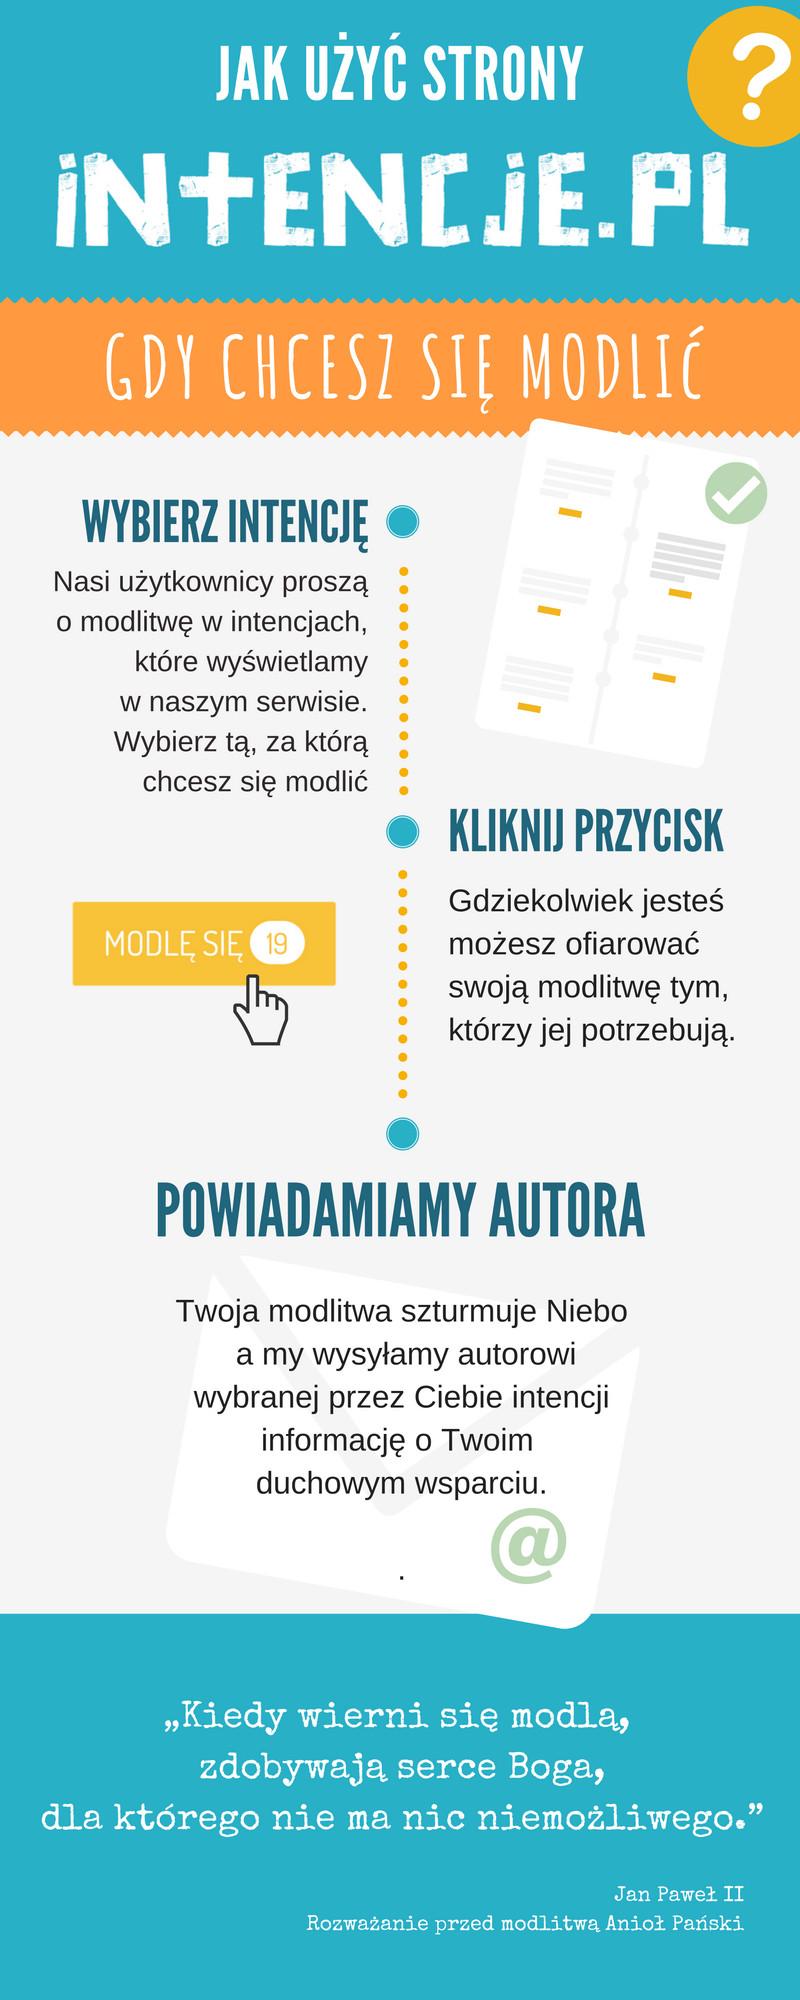 Jak użyć strony Intencje.pl gdy chcesz się modlić?